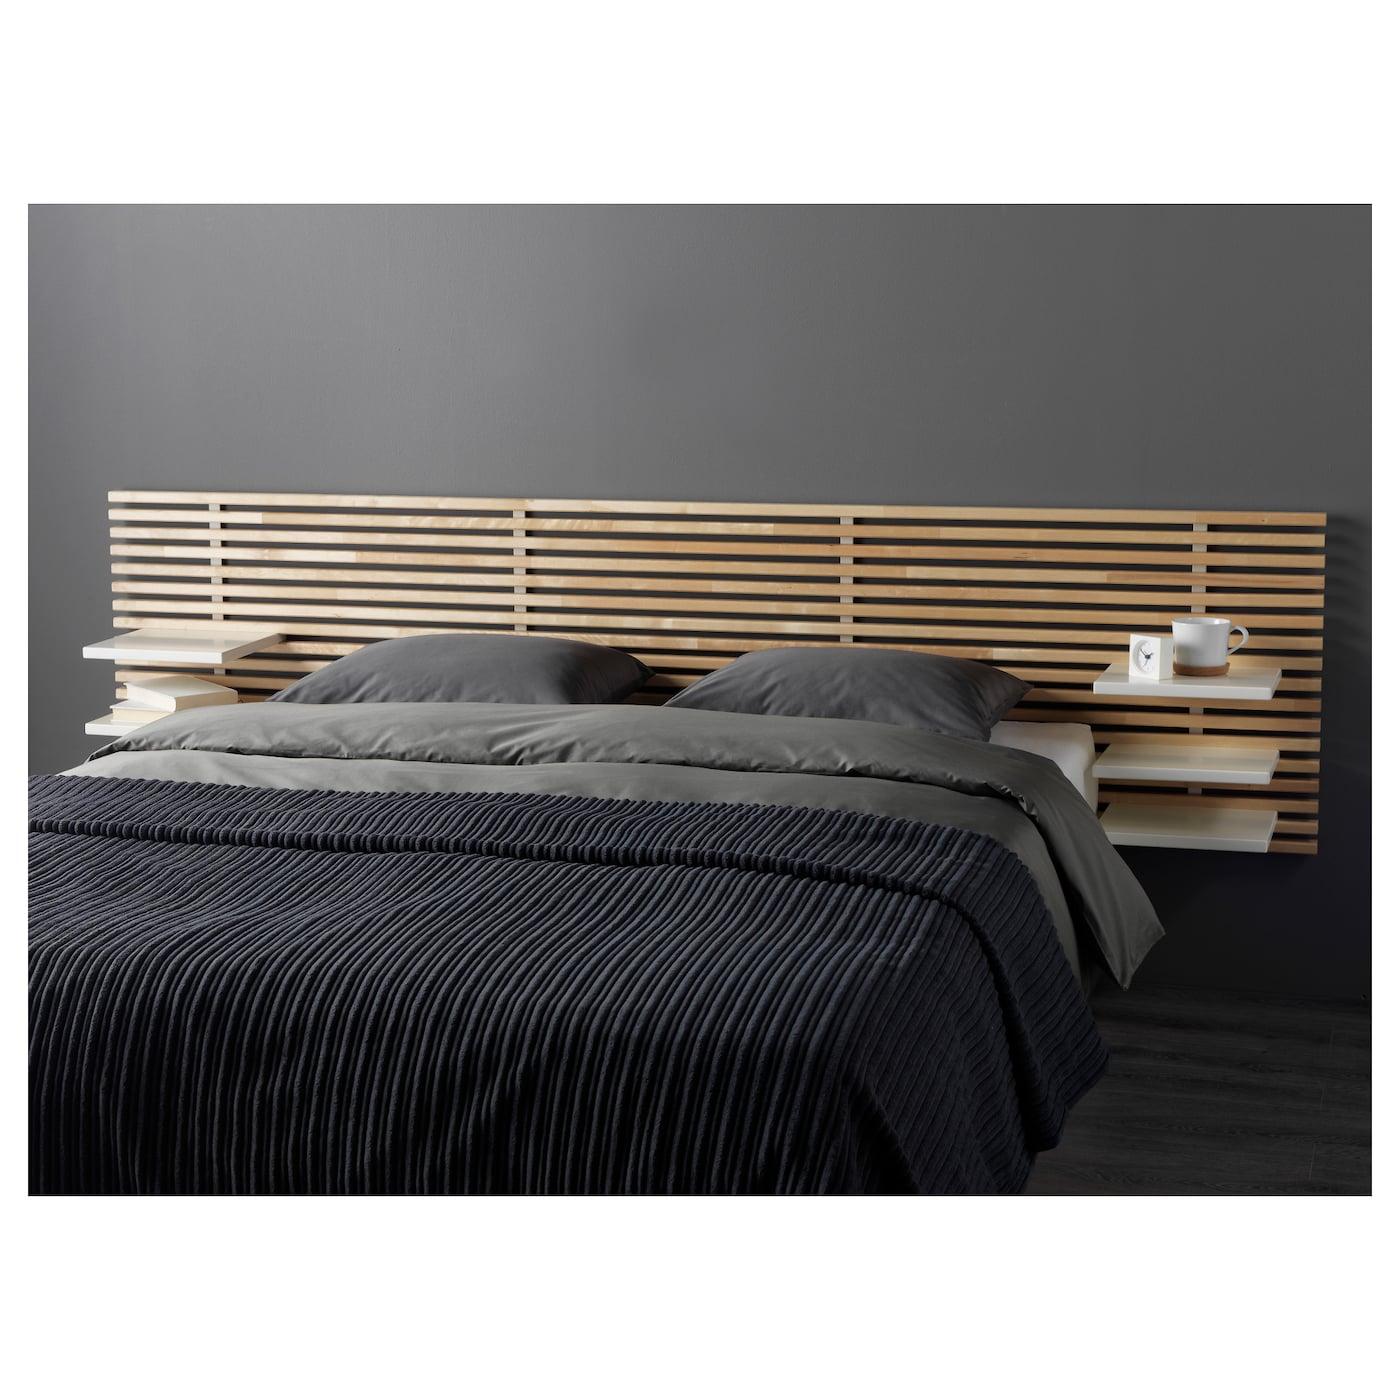 Tete De Lit Ikea Bois mandal tête de lit - bouleau, blanc 240 cm